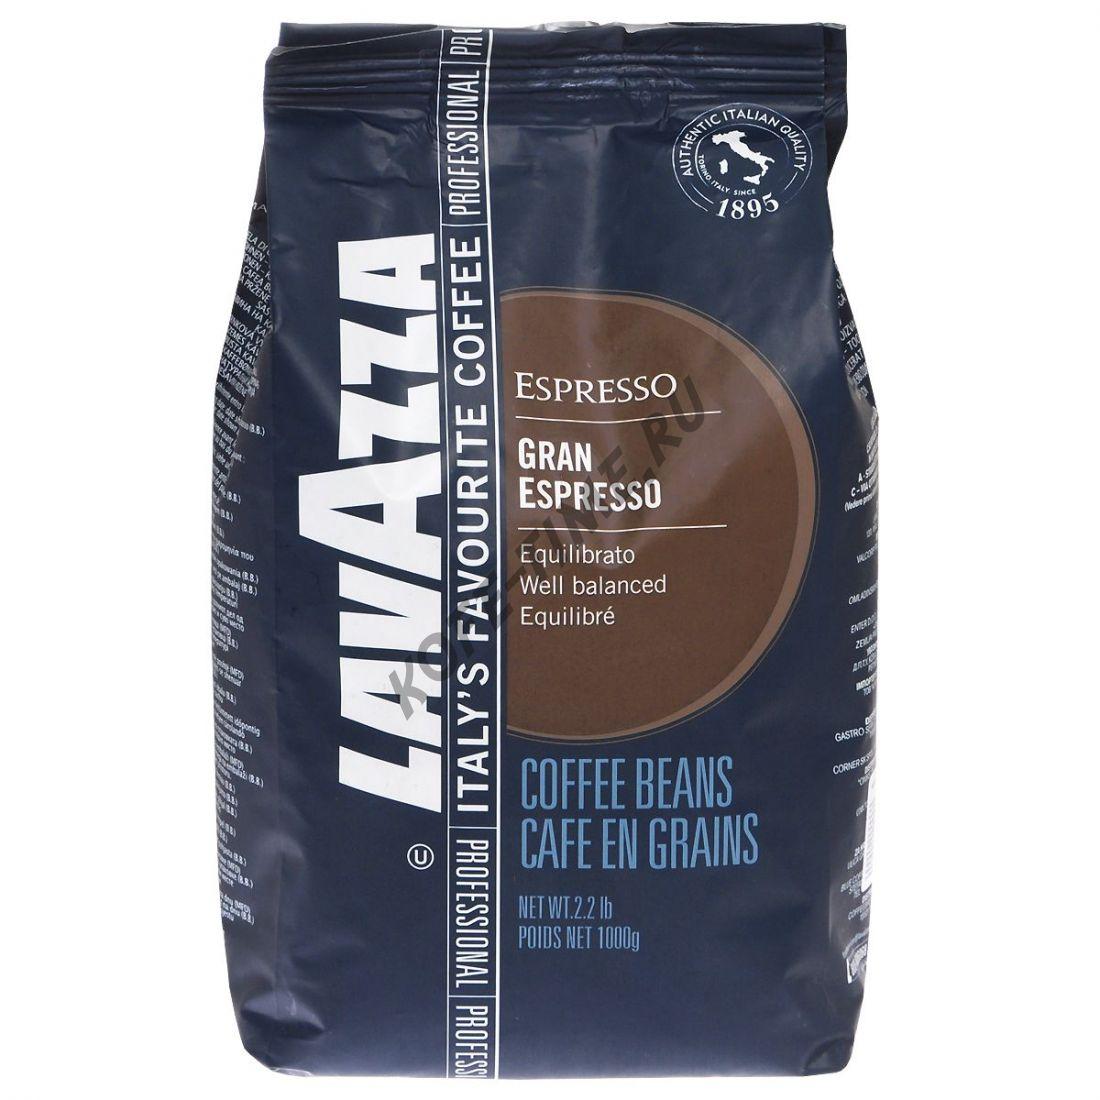 Кофе Lavazza Espresso Gran Espresso, 1 кг.